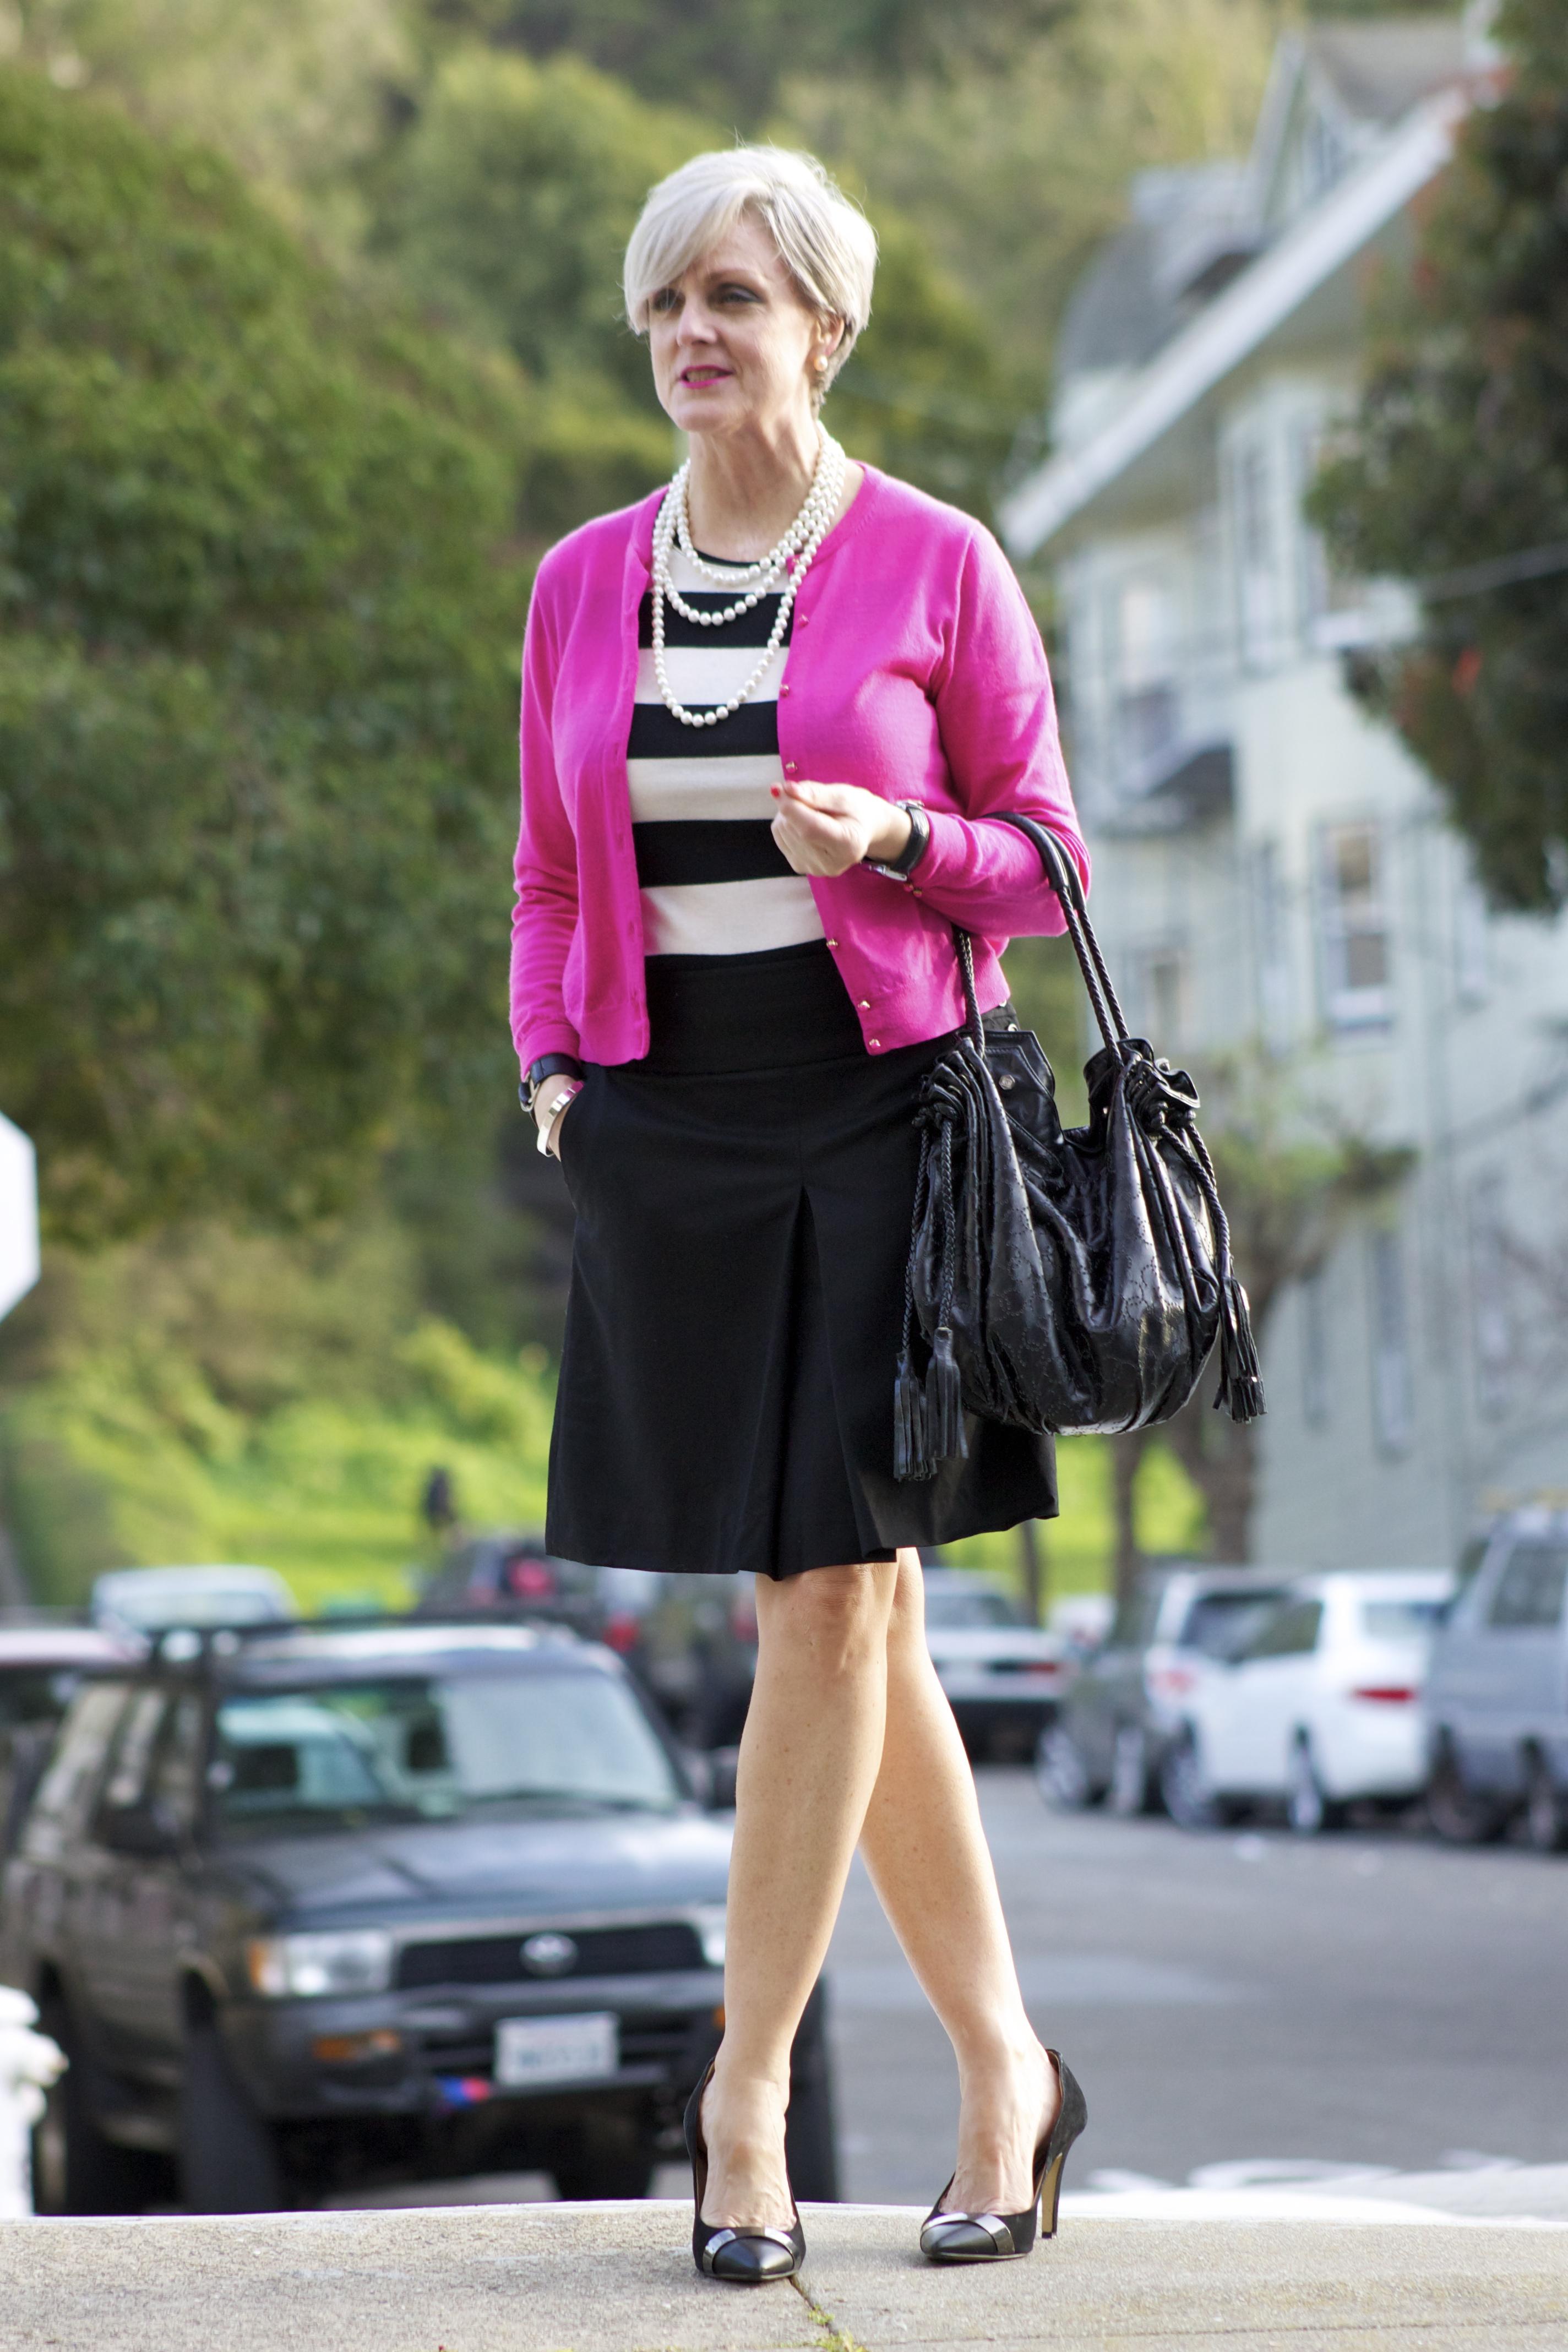 базовый гардероб для женщины 50 лет фото